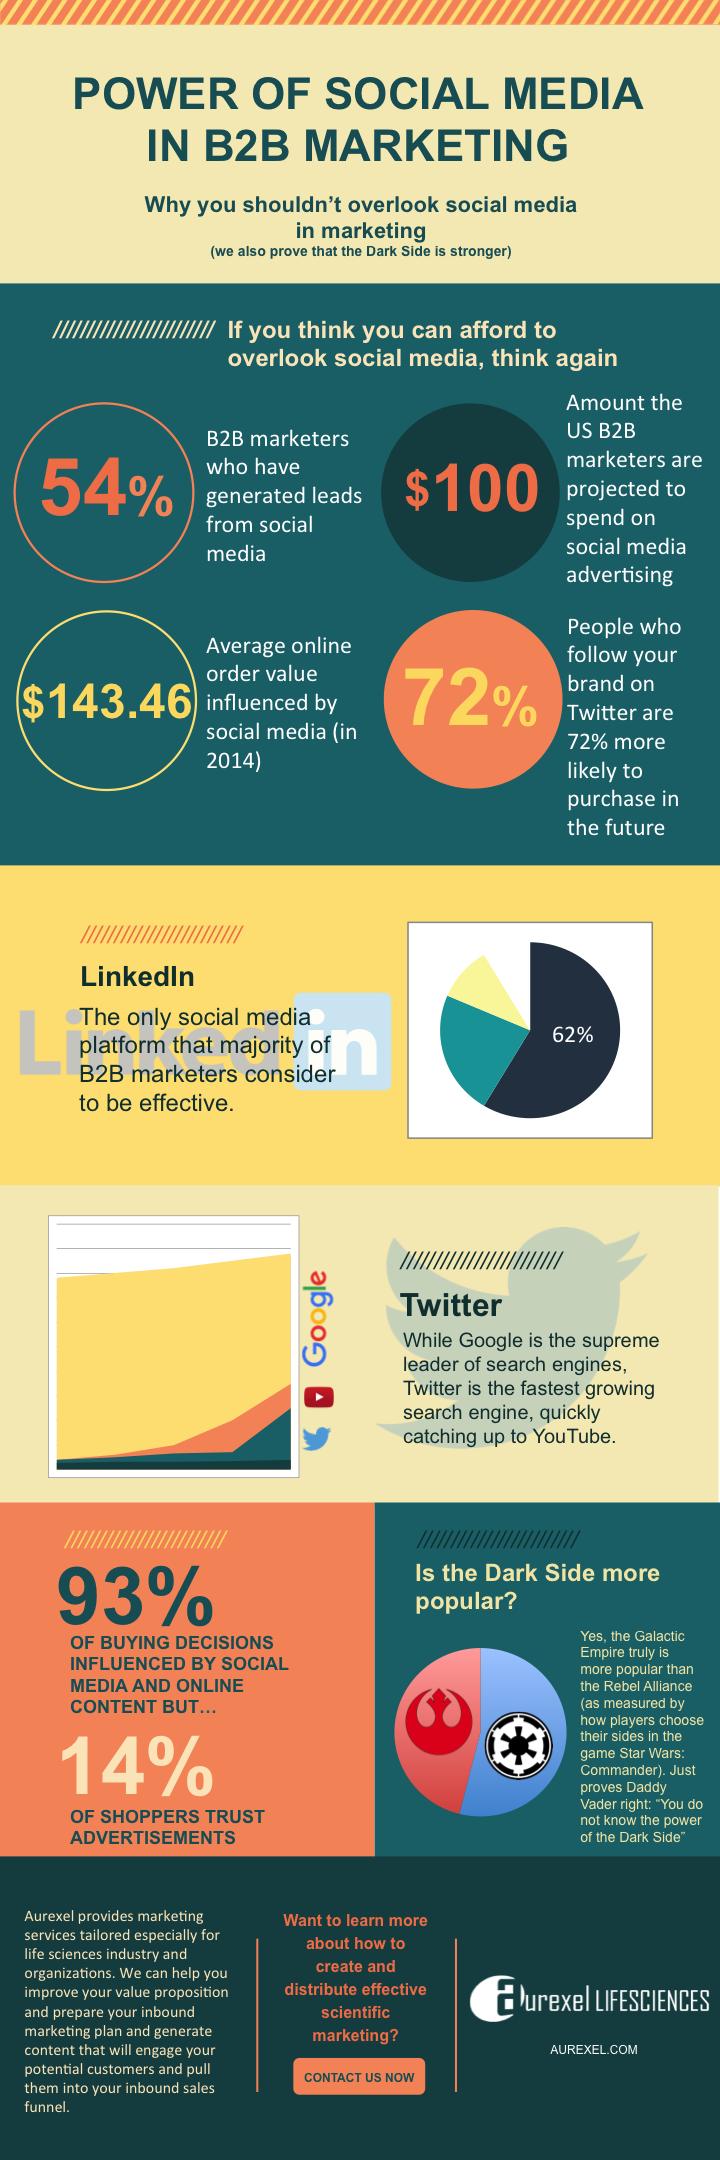 Power of Social Media in B2B Marketing